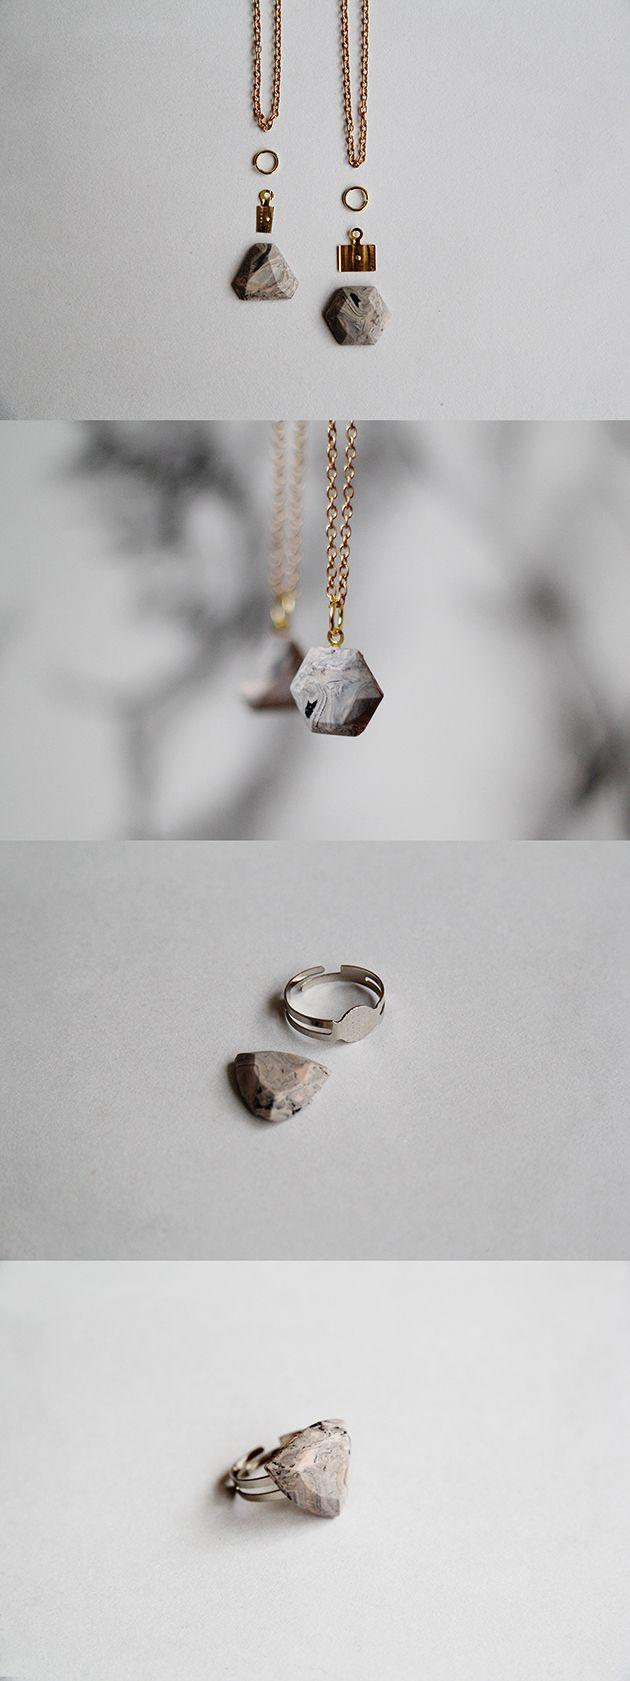 Мраморный камень DIY.  Сделайте эти драгоценные камни из полимерной глины под мрамор от @Franc …